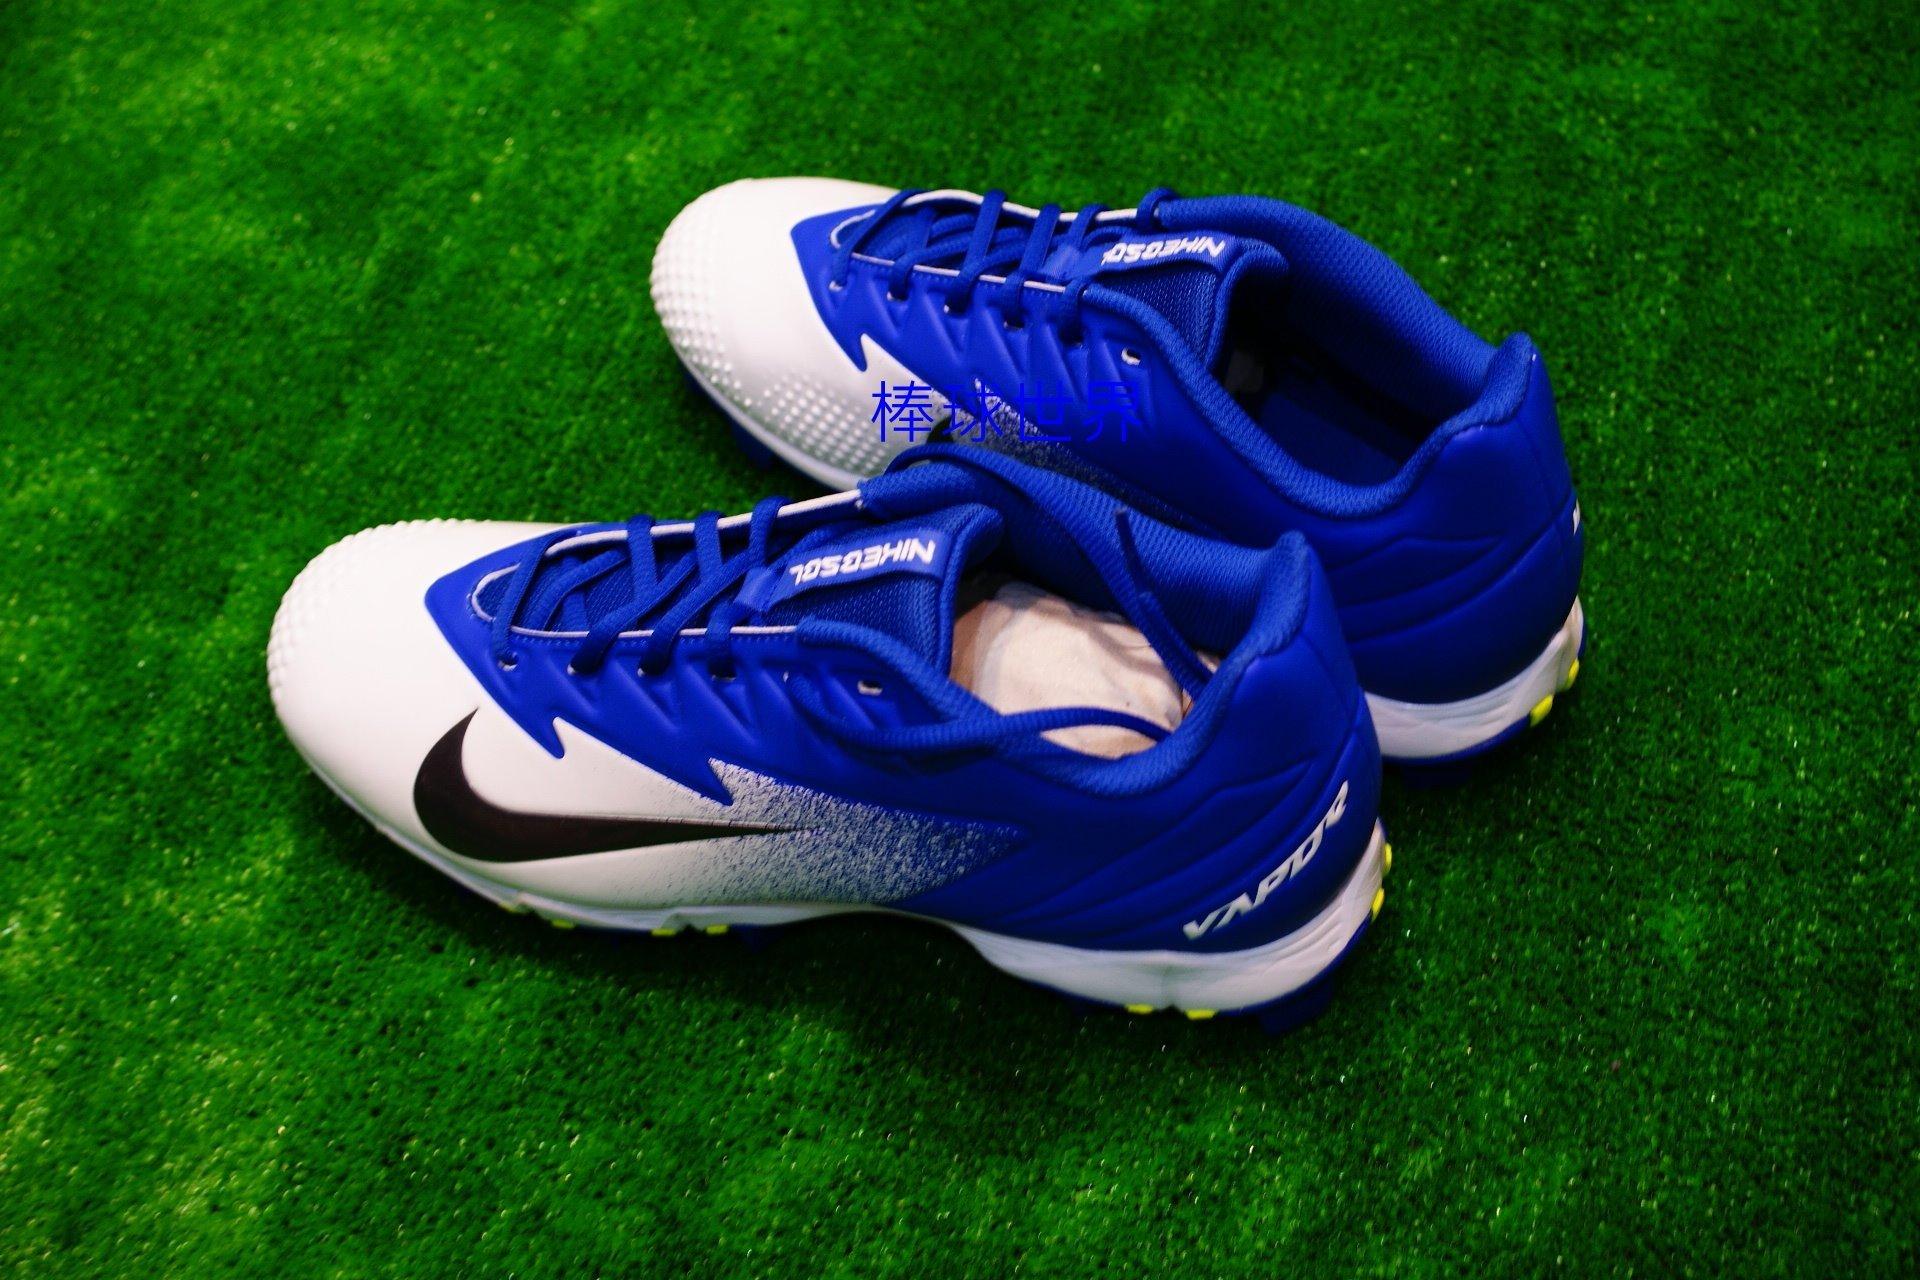 全新 Nike Vapor Ultrafly 棒壘球膠釘鞋(852688-414) 特價藍白配色